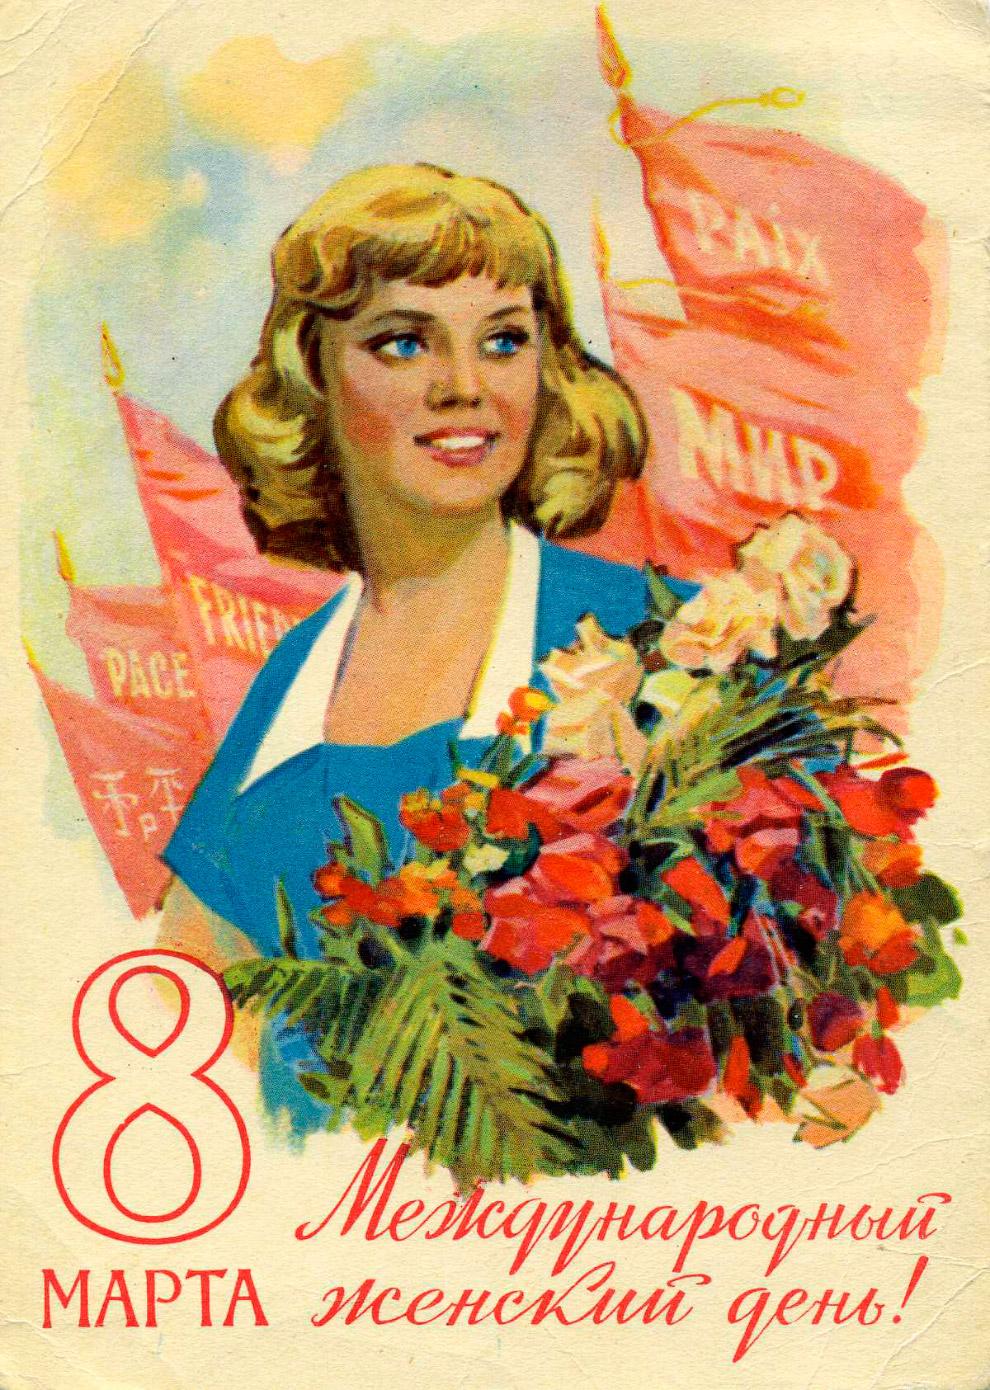 Открытки для женщин россия, отправка посткроссинг